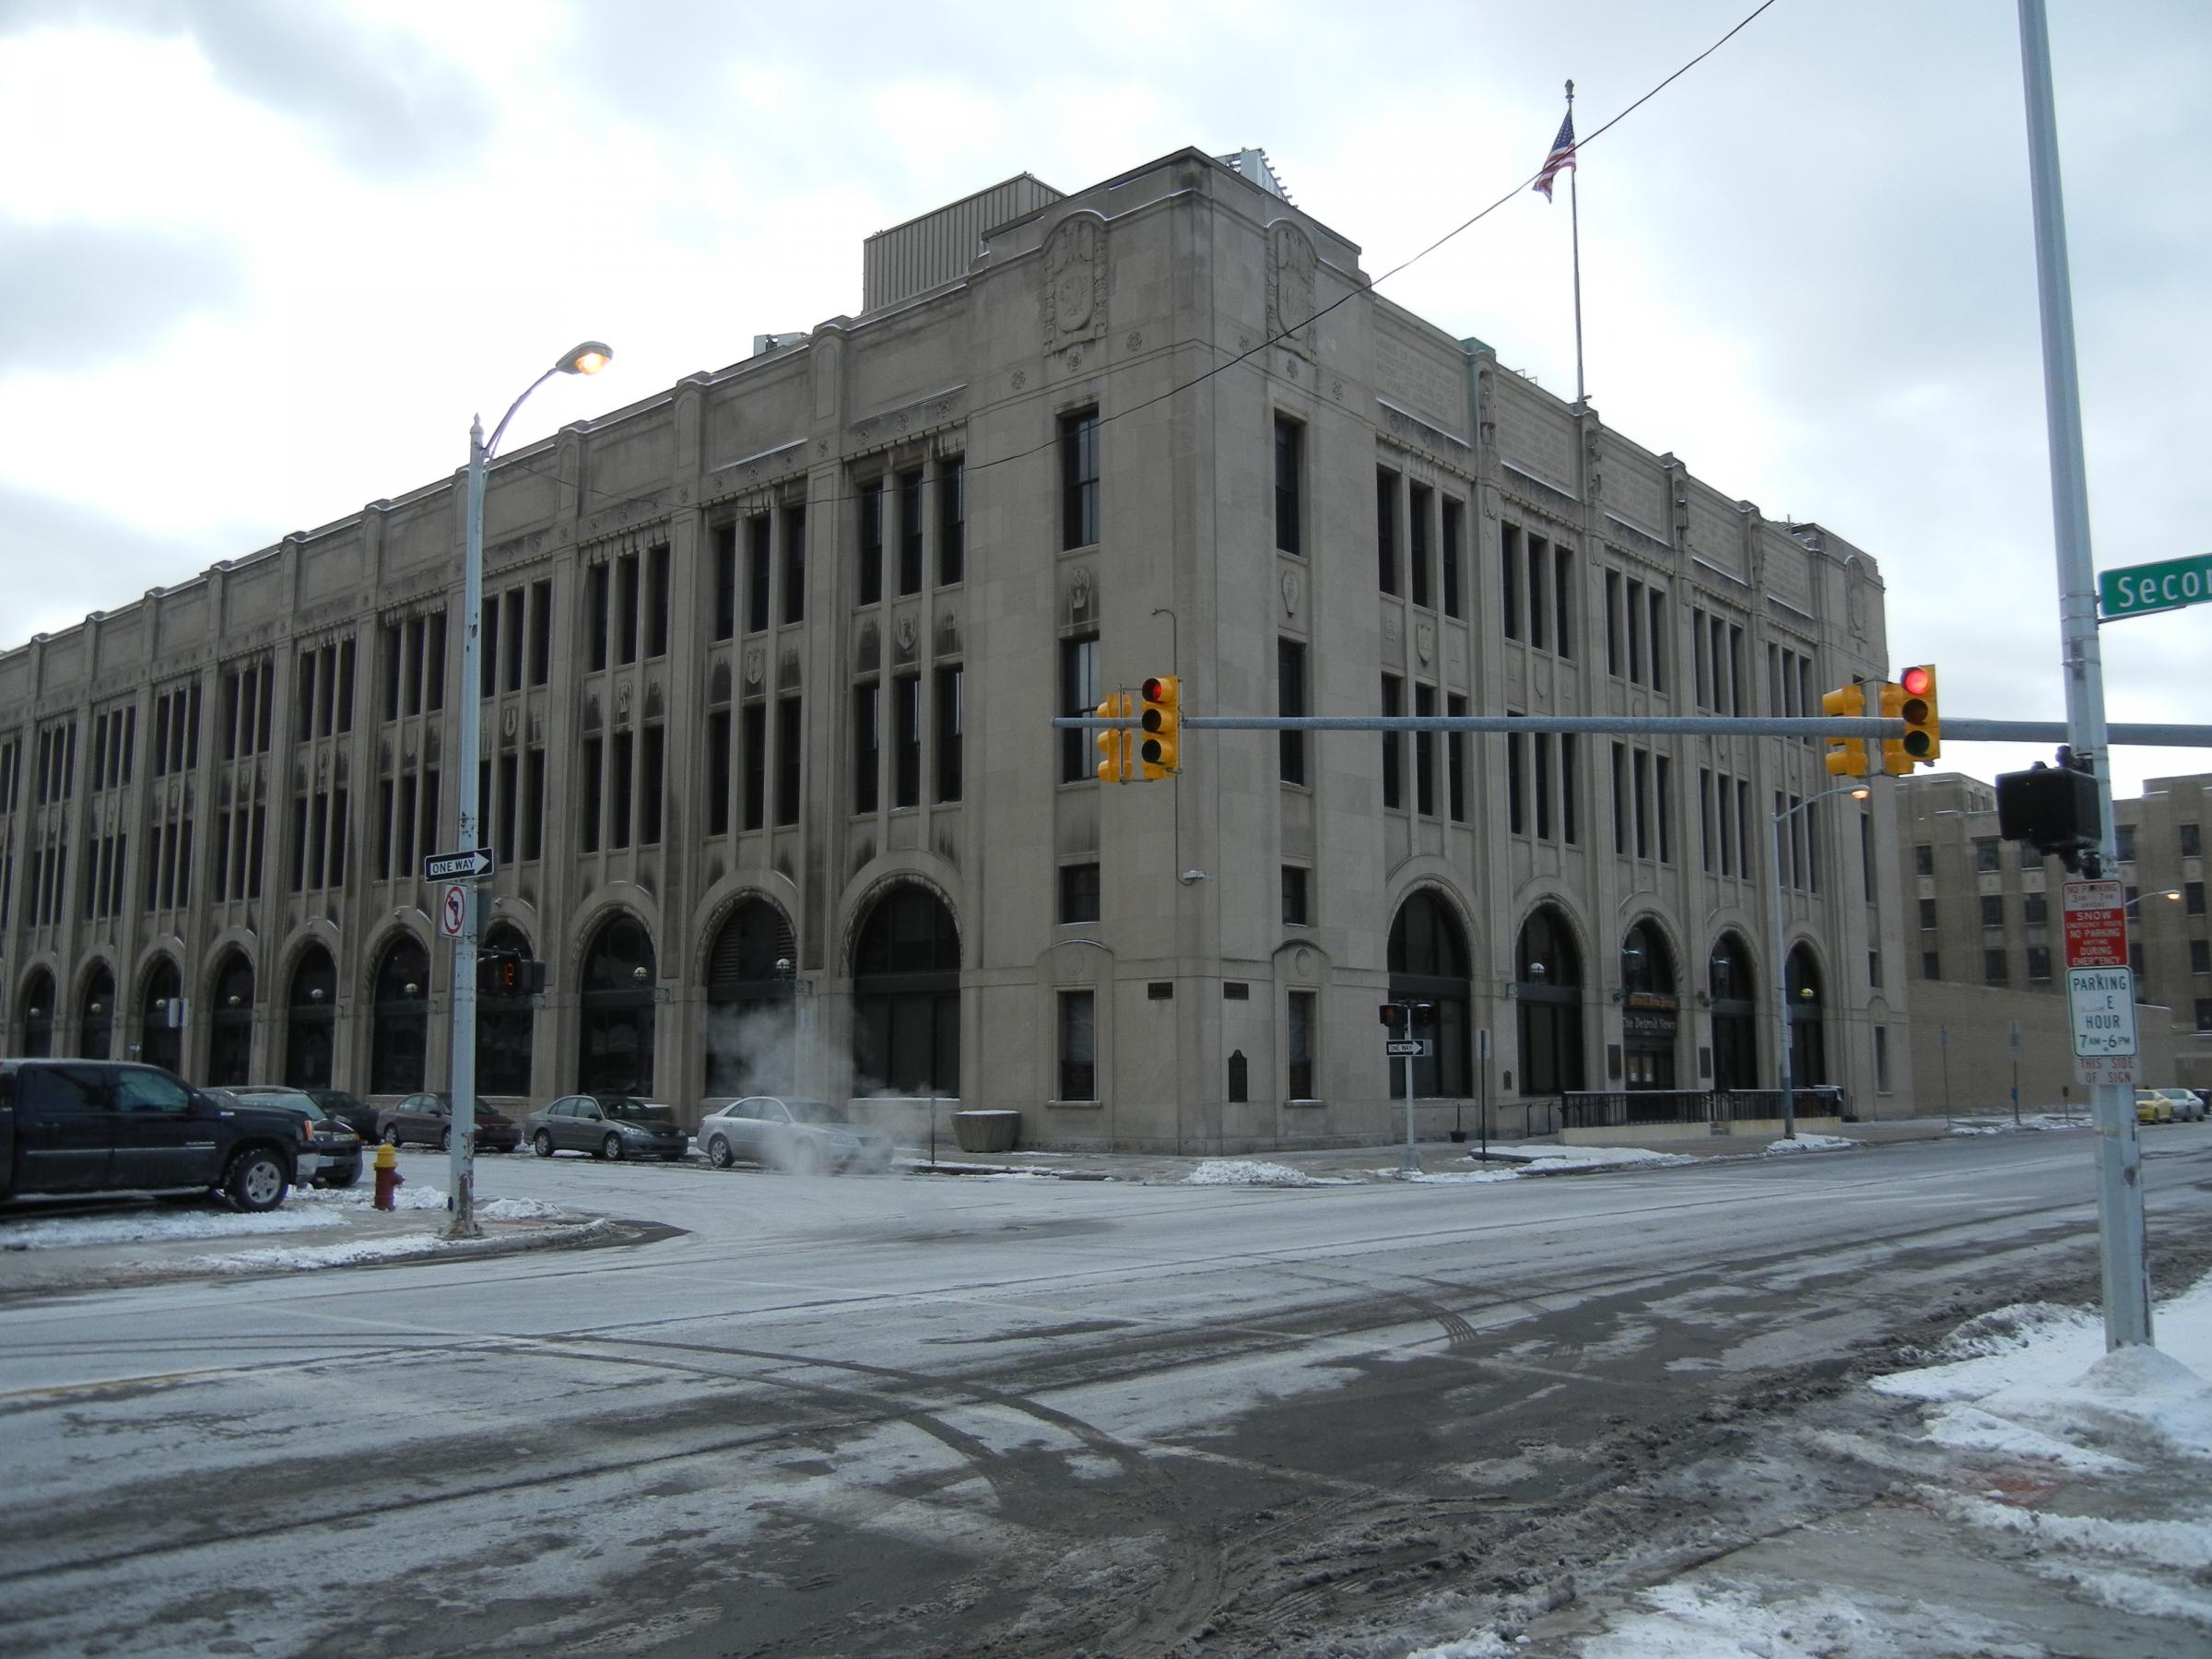 City Of Detroit Building Demolition